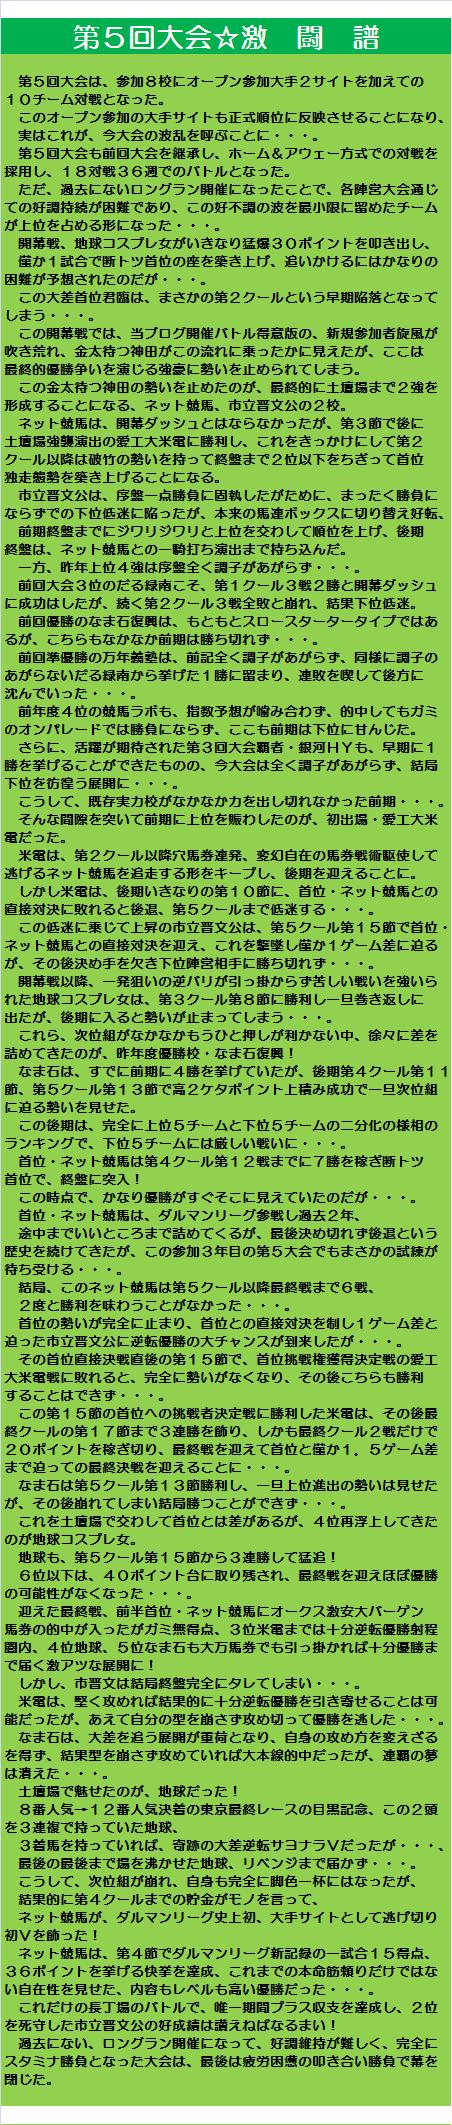 20140608・ダルマンリーグ 第5回大会☆激闘譜.jpg